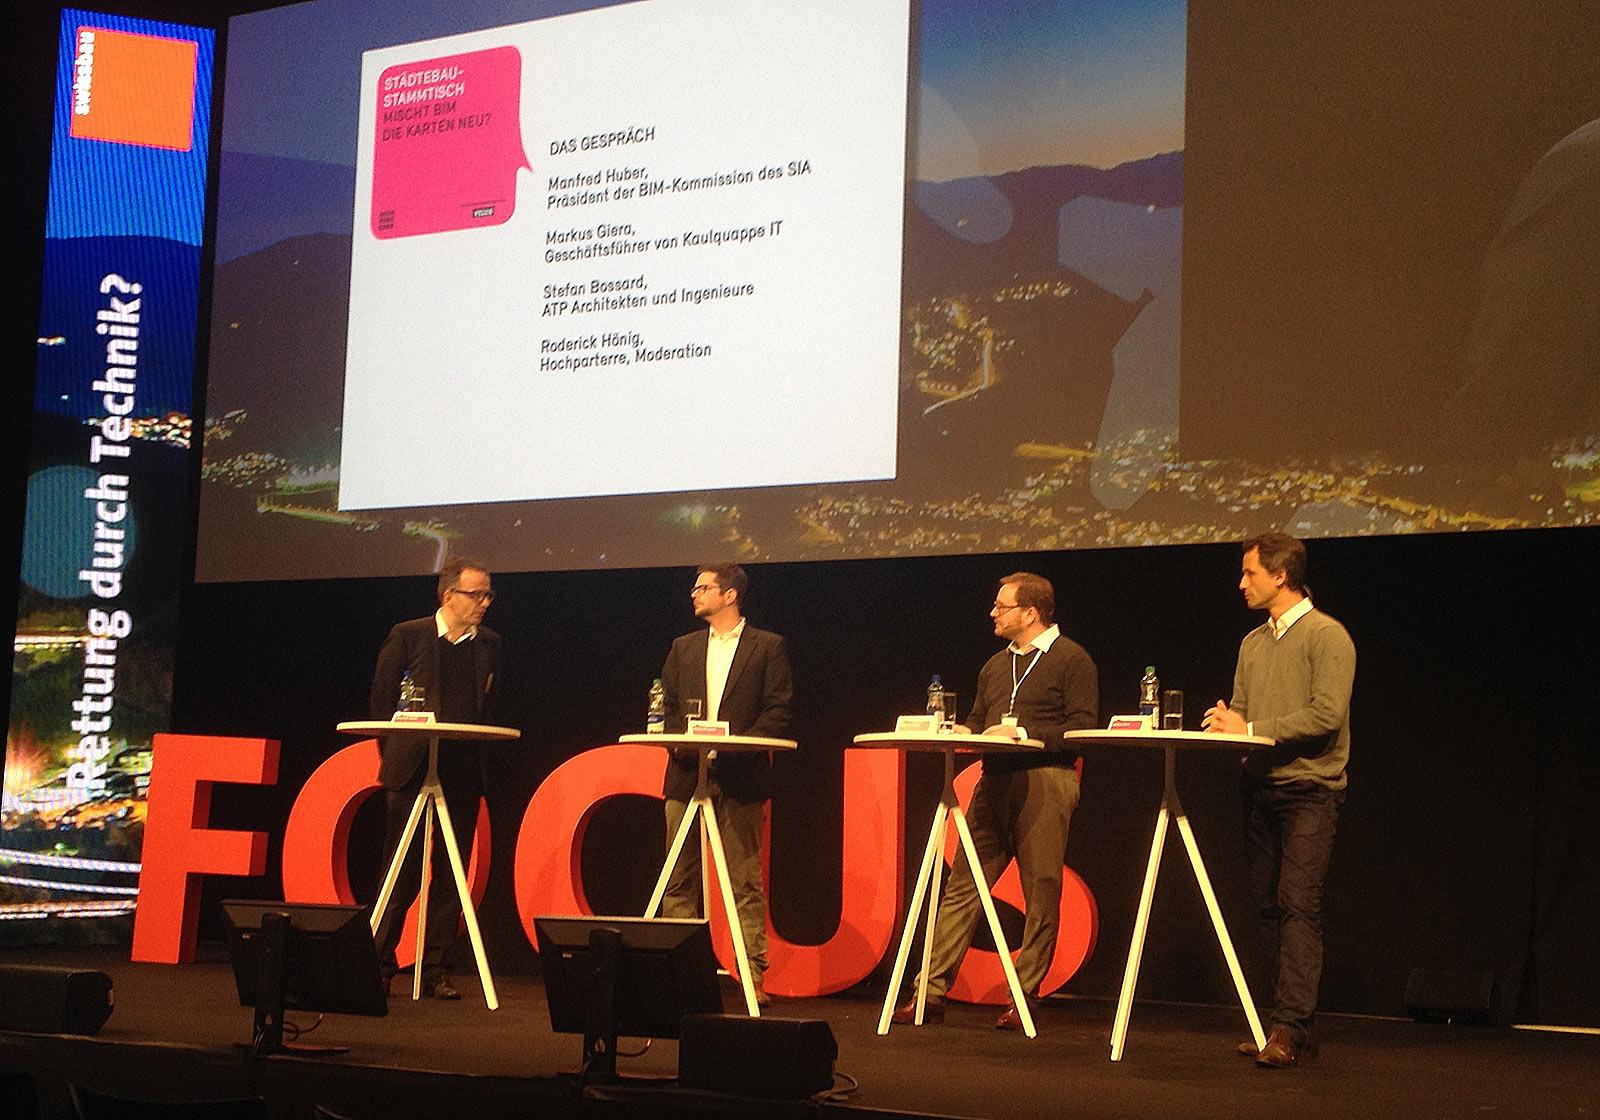 Manfred Huber (SIA), Stefan Bossard (ATP), Roderick Hönig (Hochparterre) und Markus Giera (Kaulquappe IT) diskutieren zum Building Information Modeling (BIM). Foto:Hochparterre